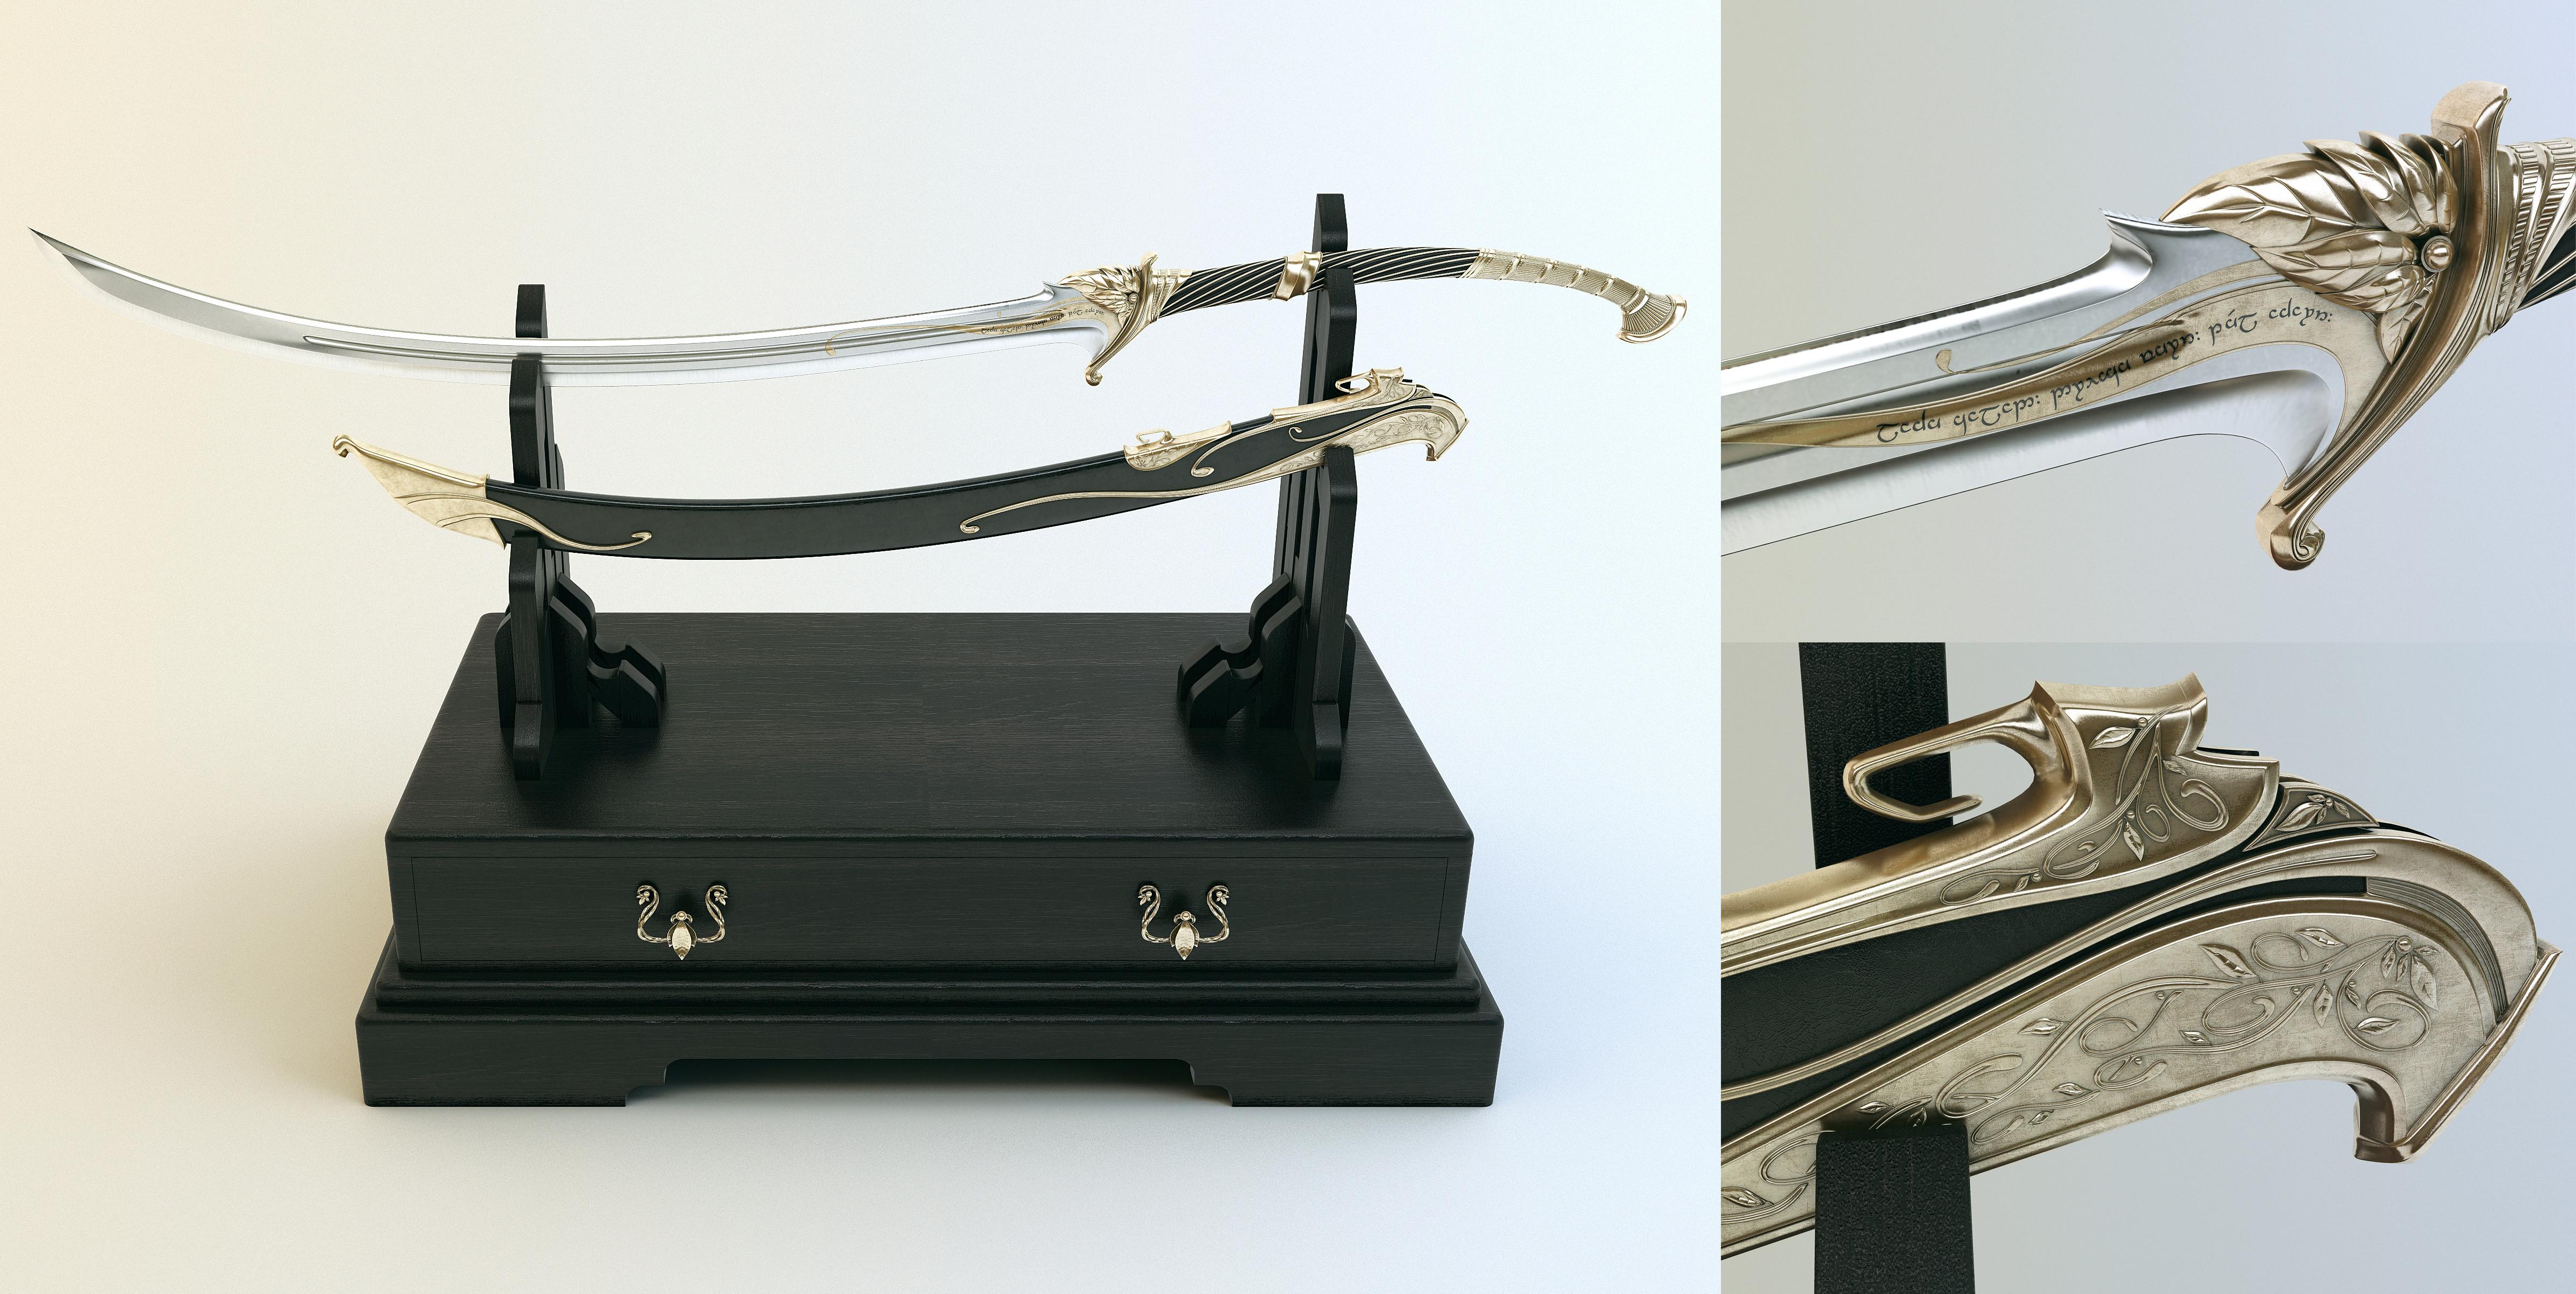 Ektelion_s_sword.jpg